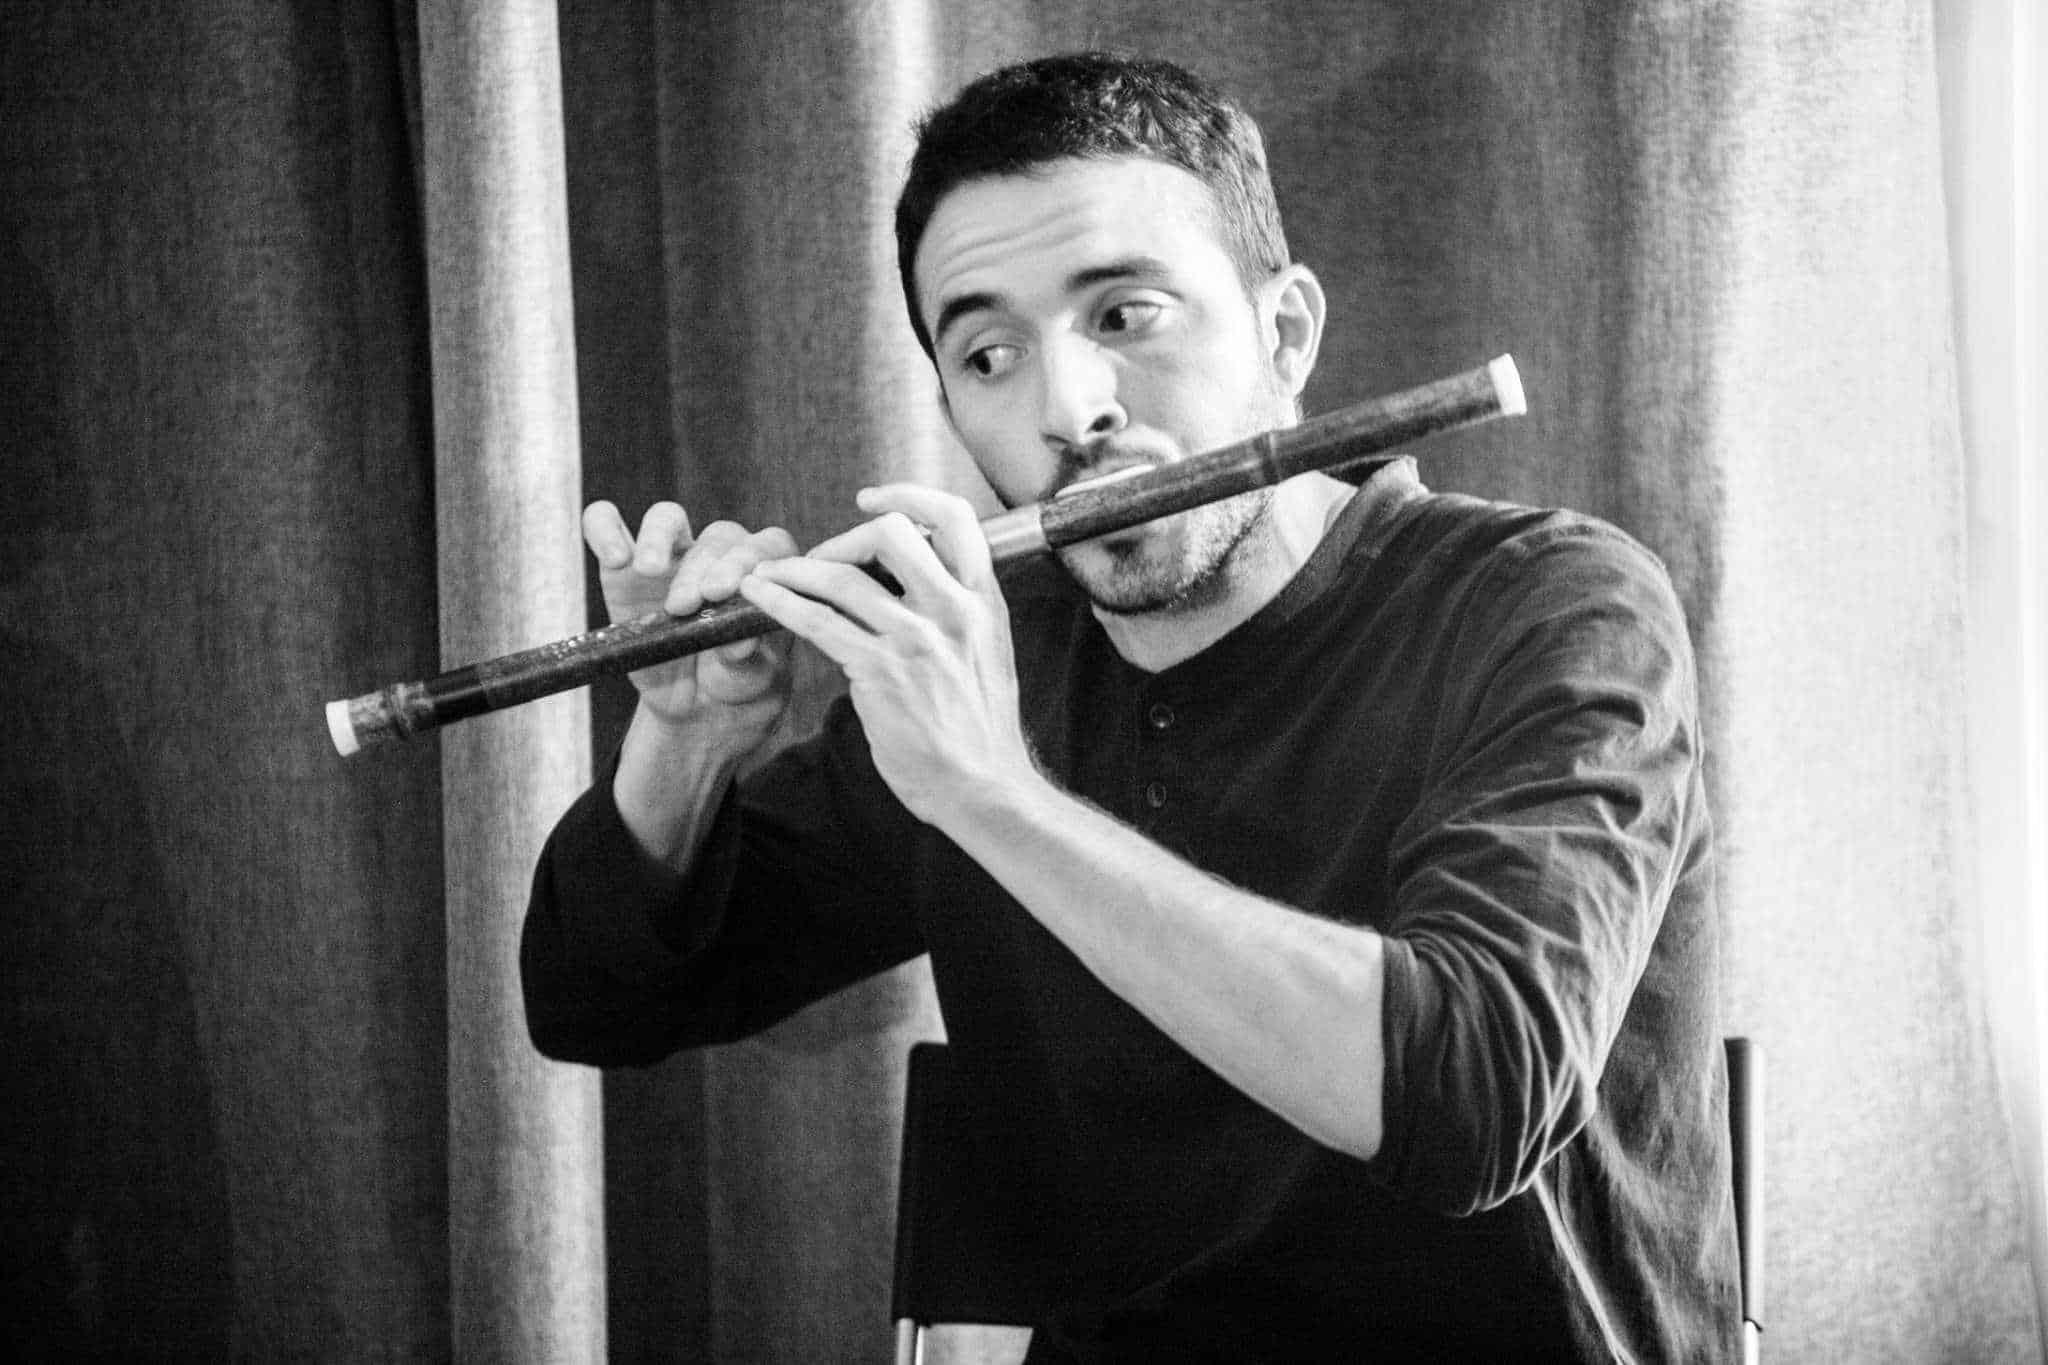 Giovanni Bortoluzzi mentre suona un flauto